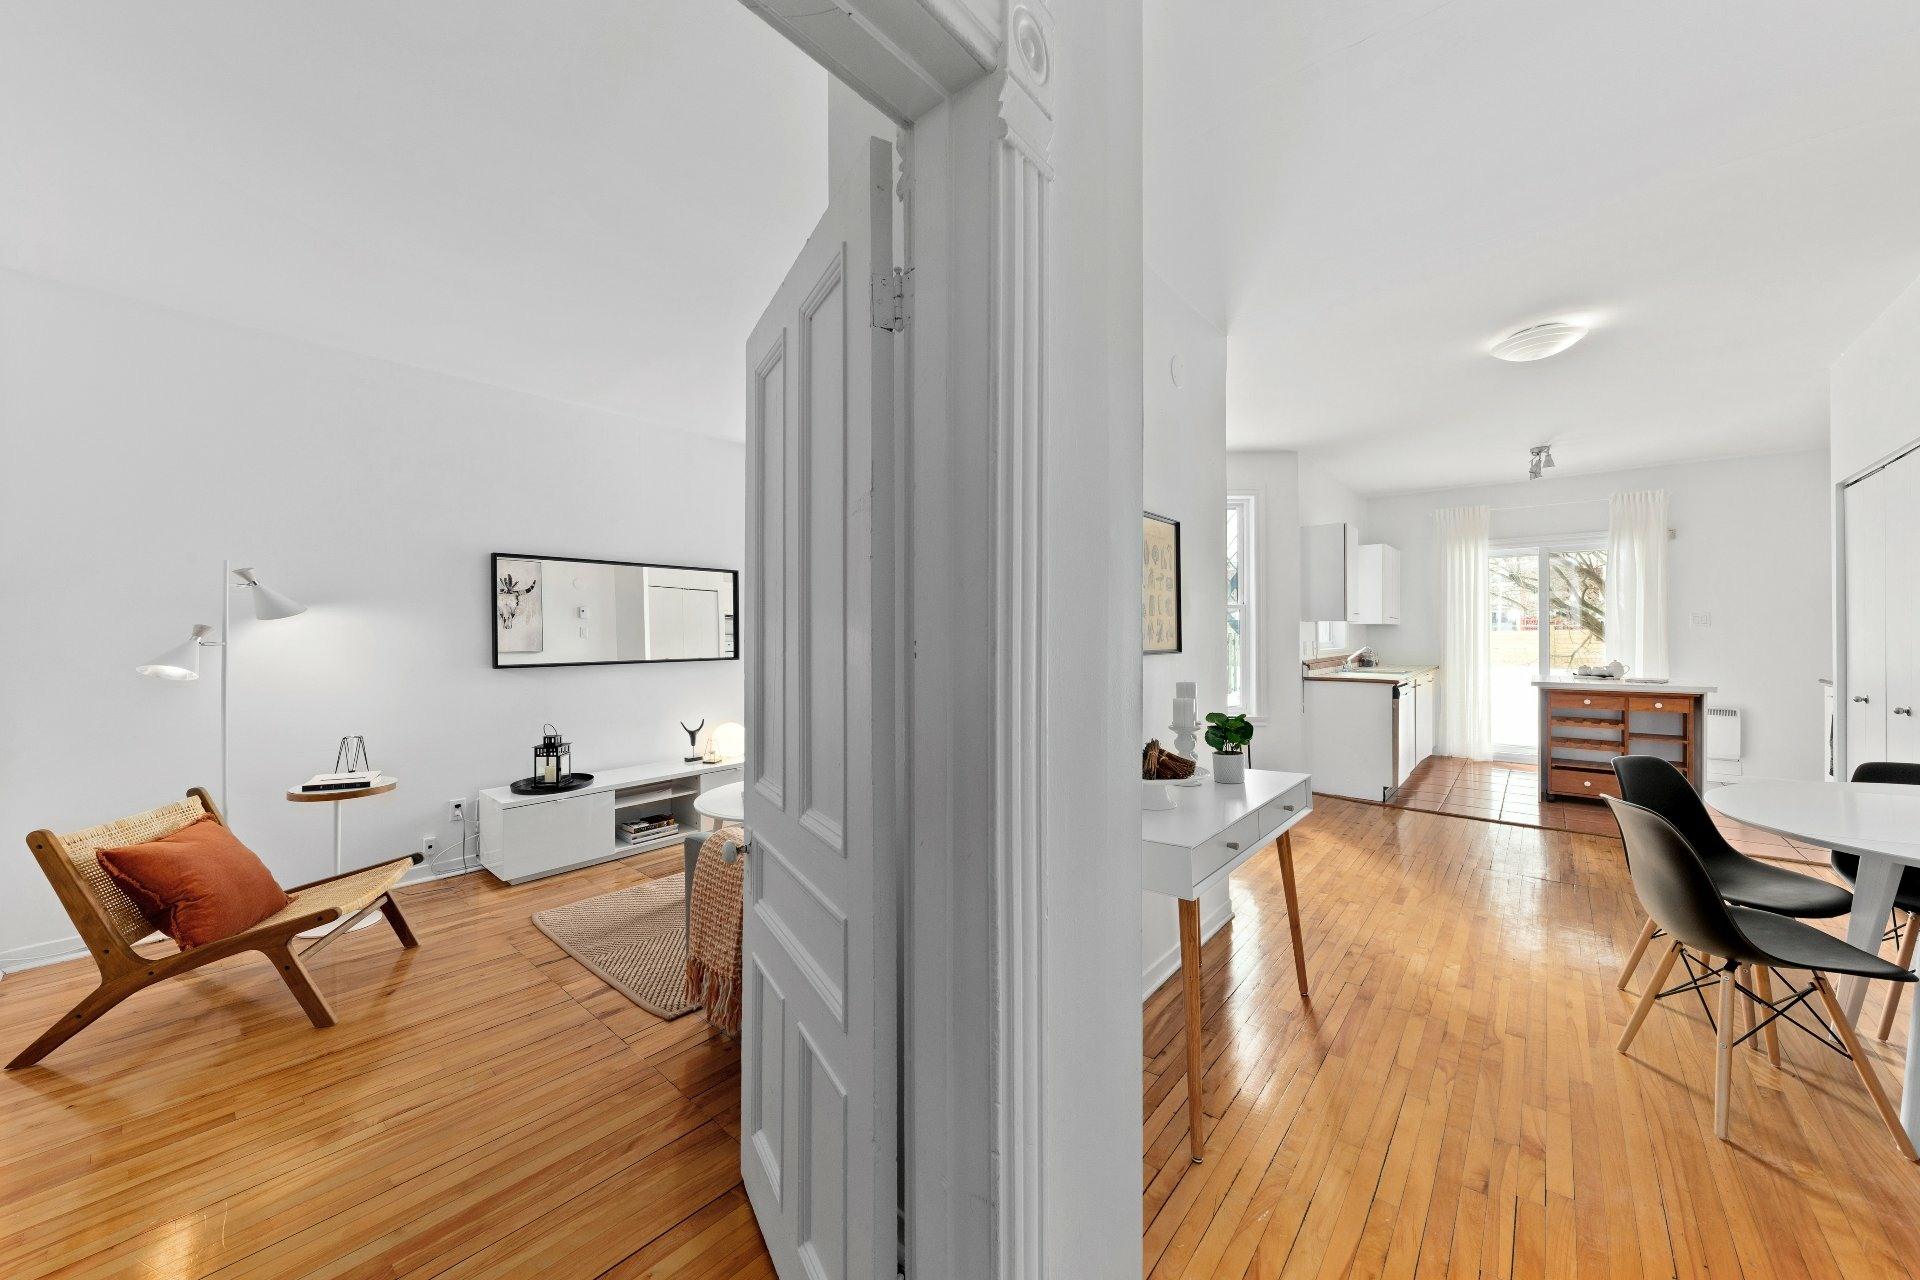 image 14 - Maison À vendre Le Plateau-Mont-Royal Montréal  - 10 pièces